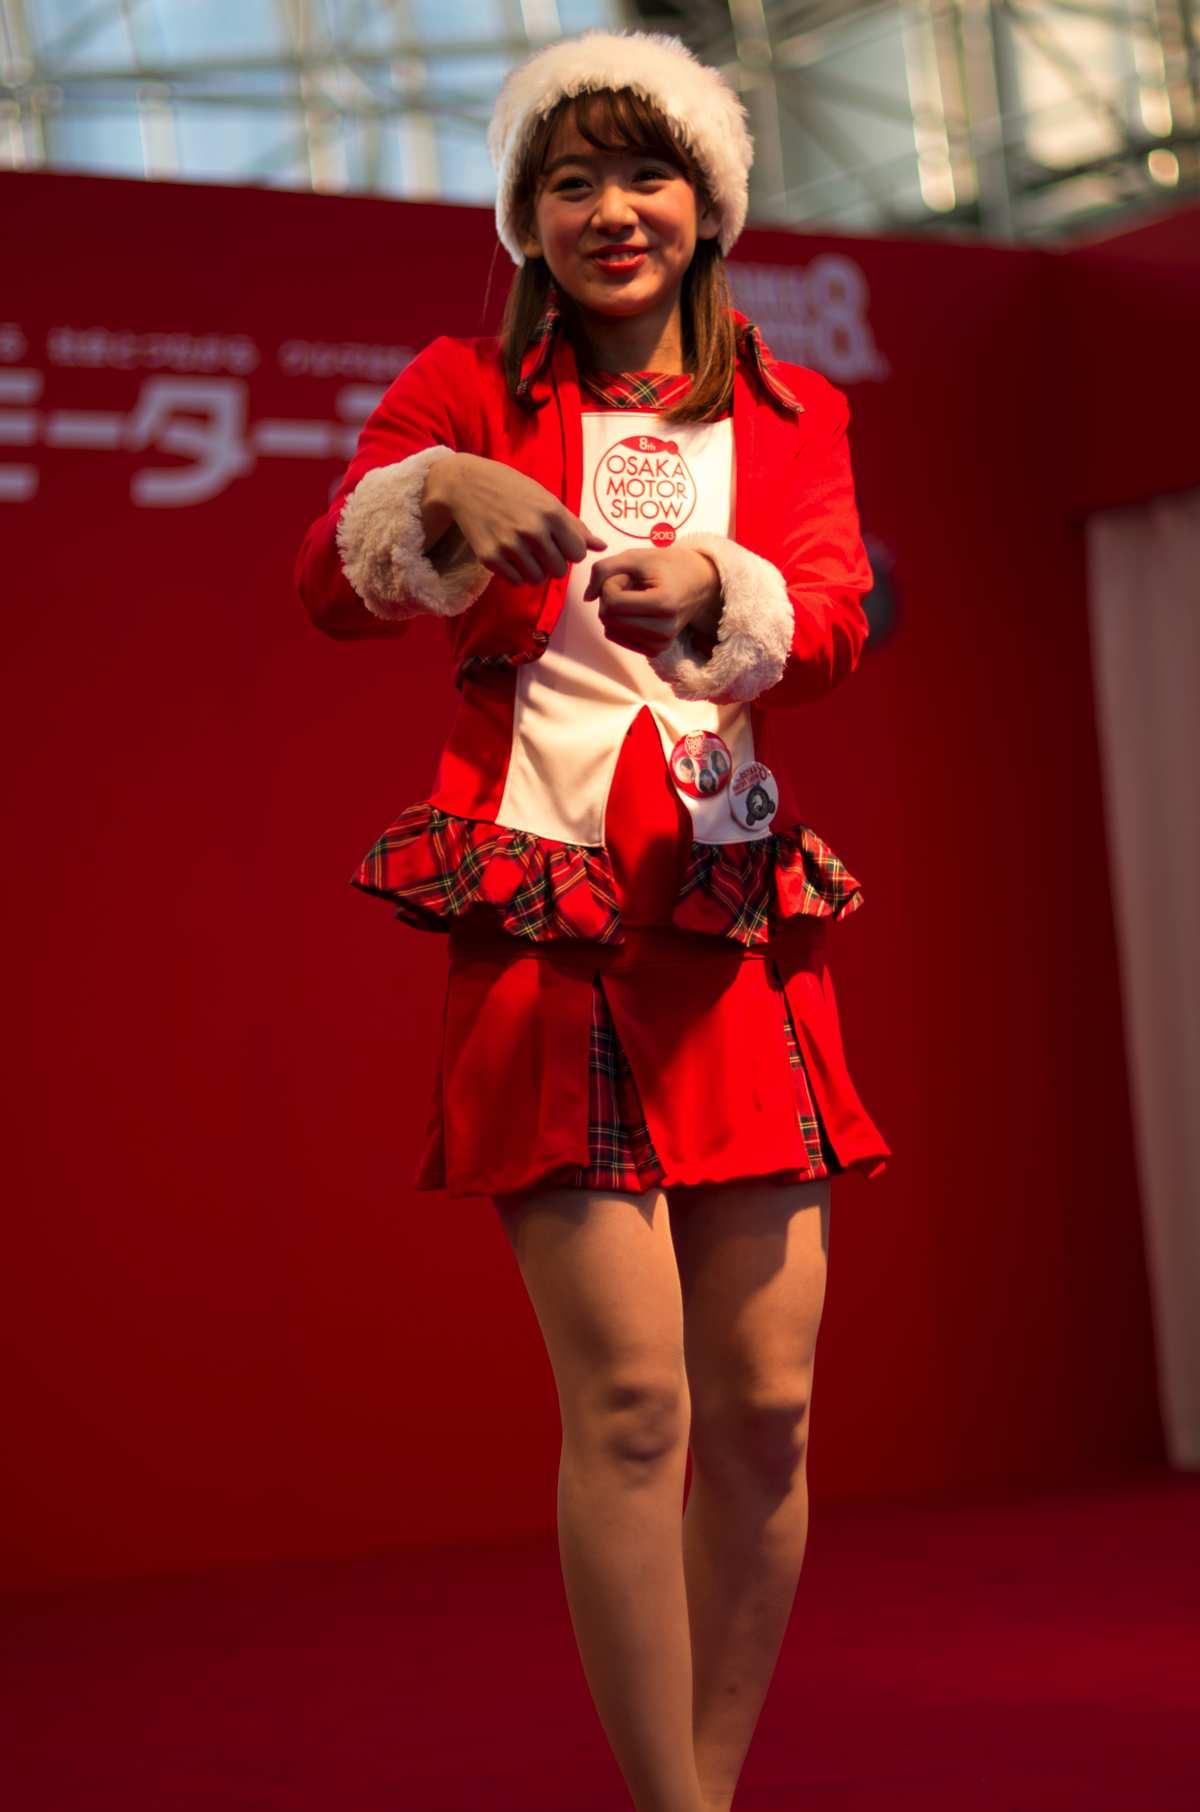 大阪モーターショー2013年4日目コンパニオン21